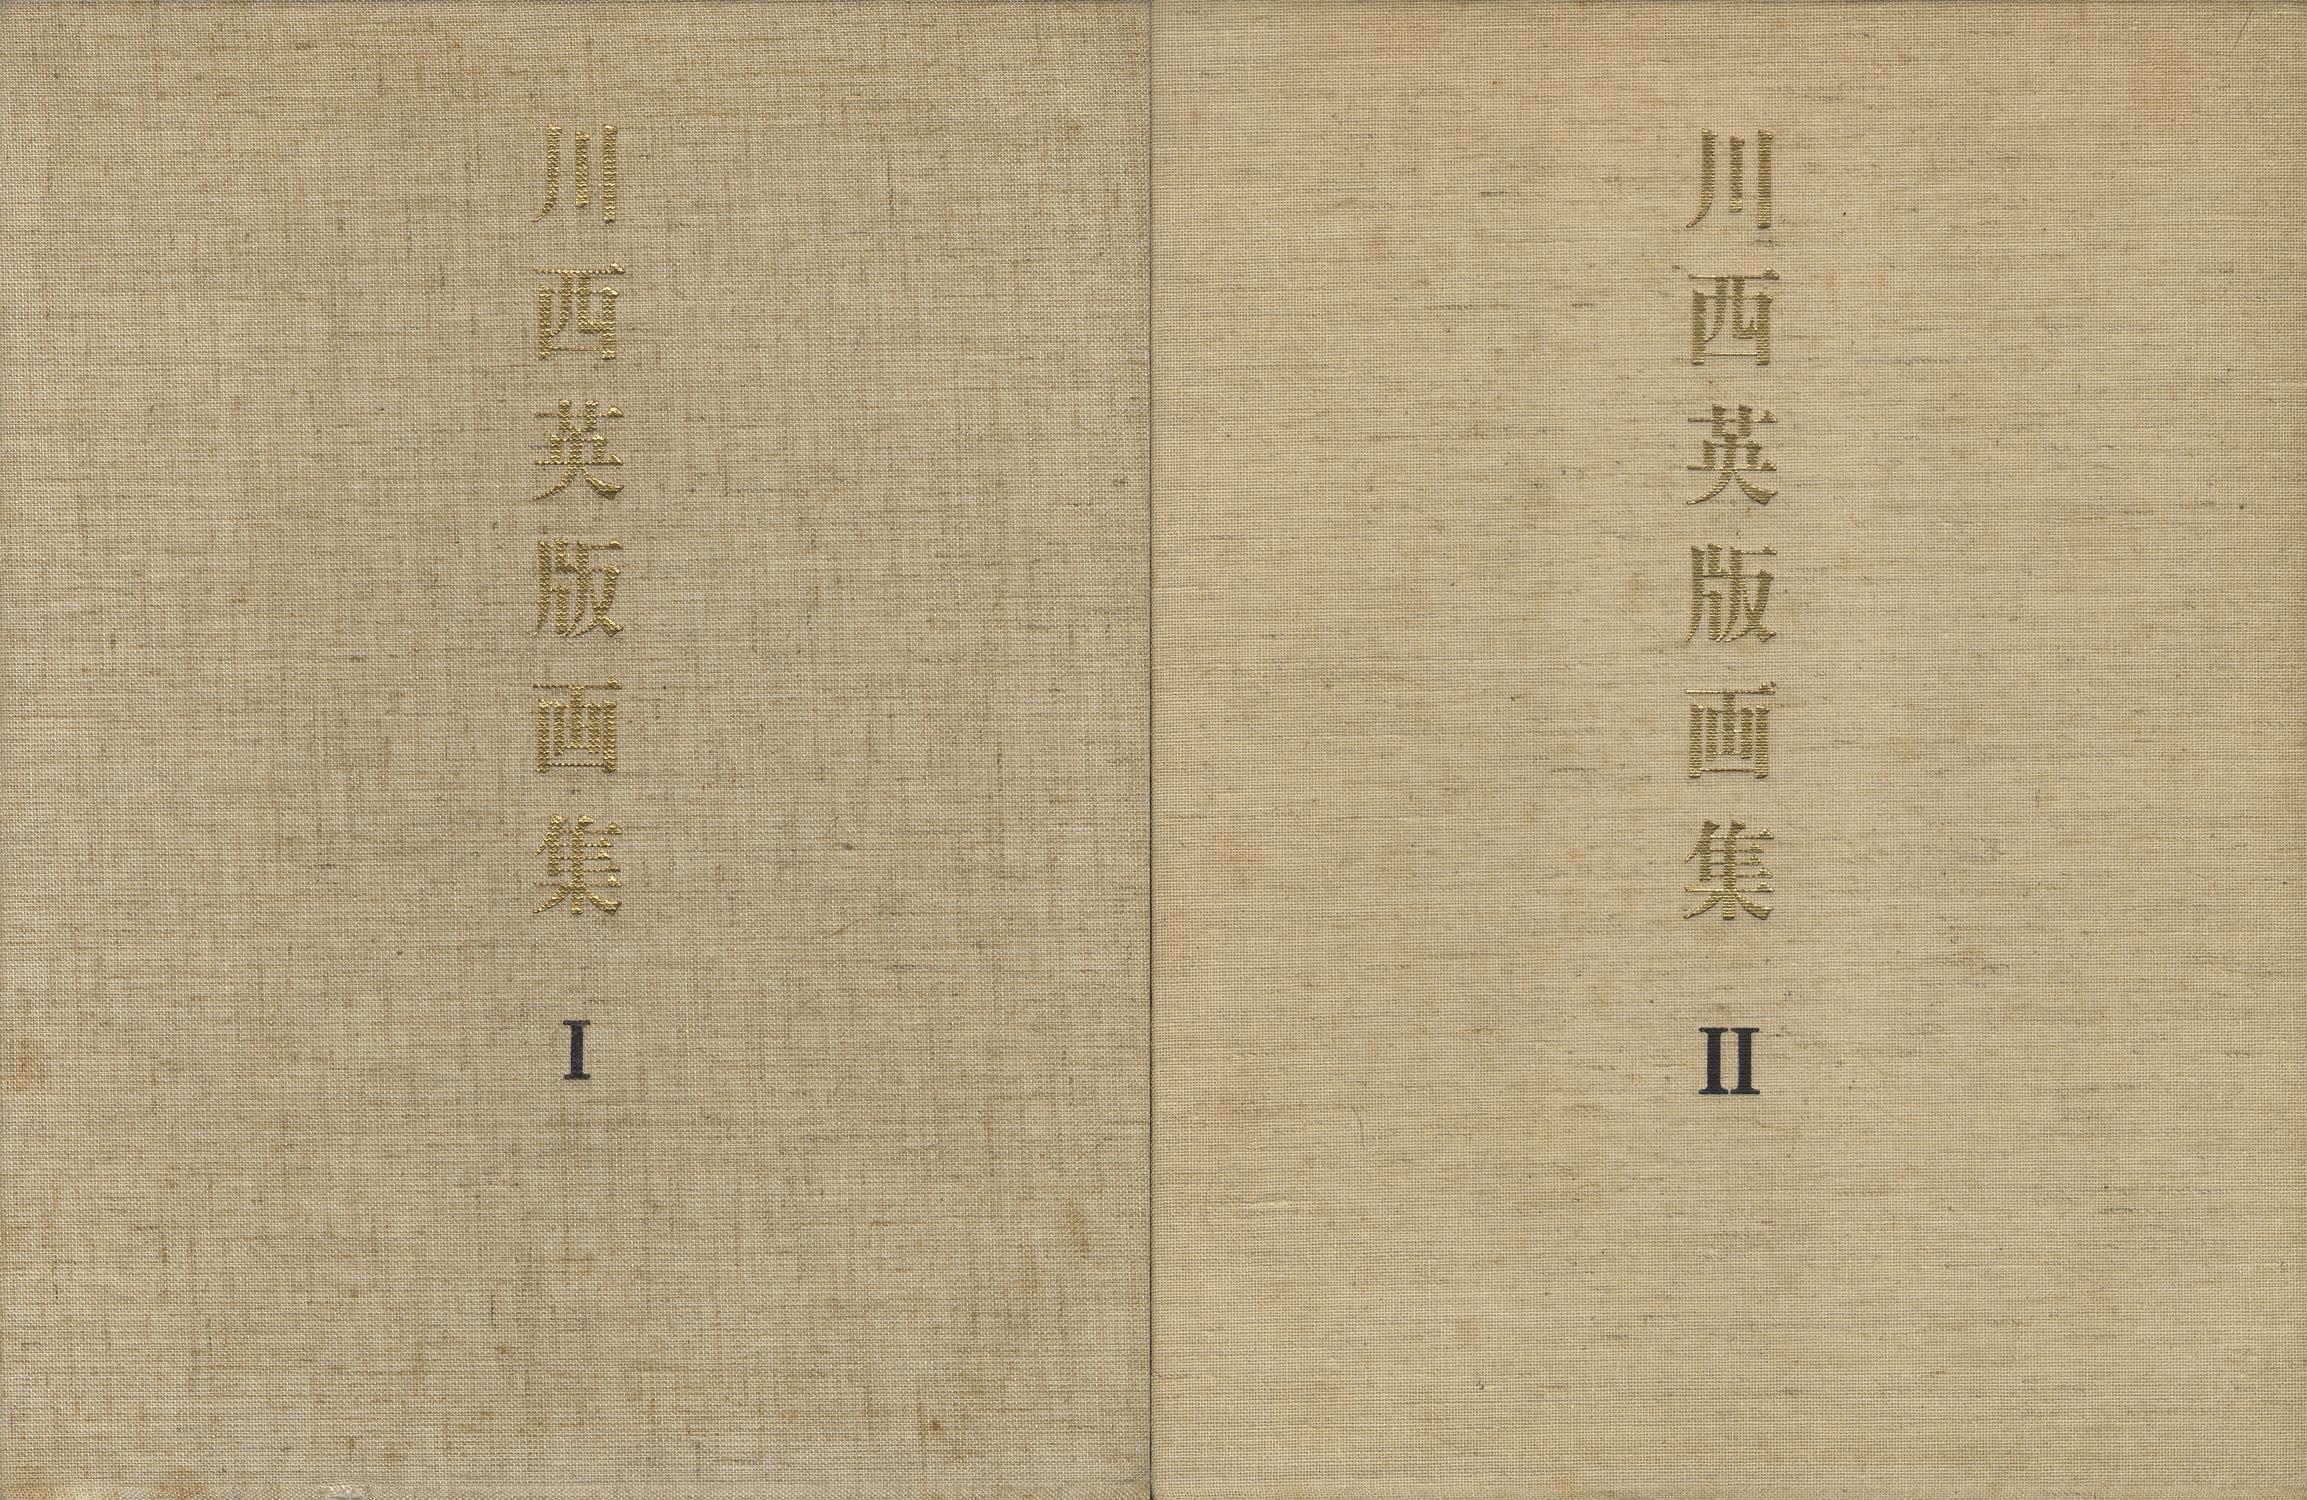 川西英版画集 I・II